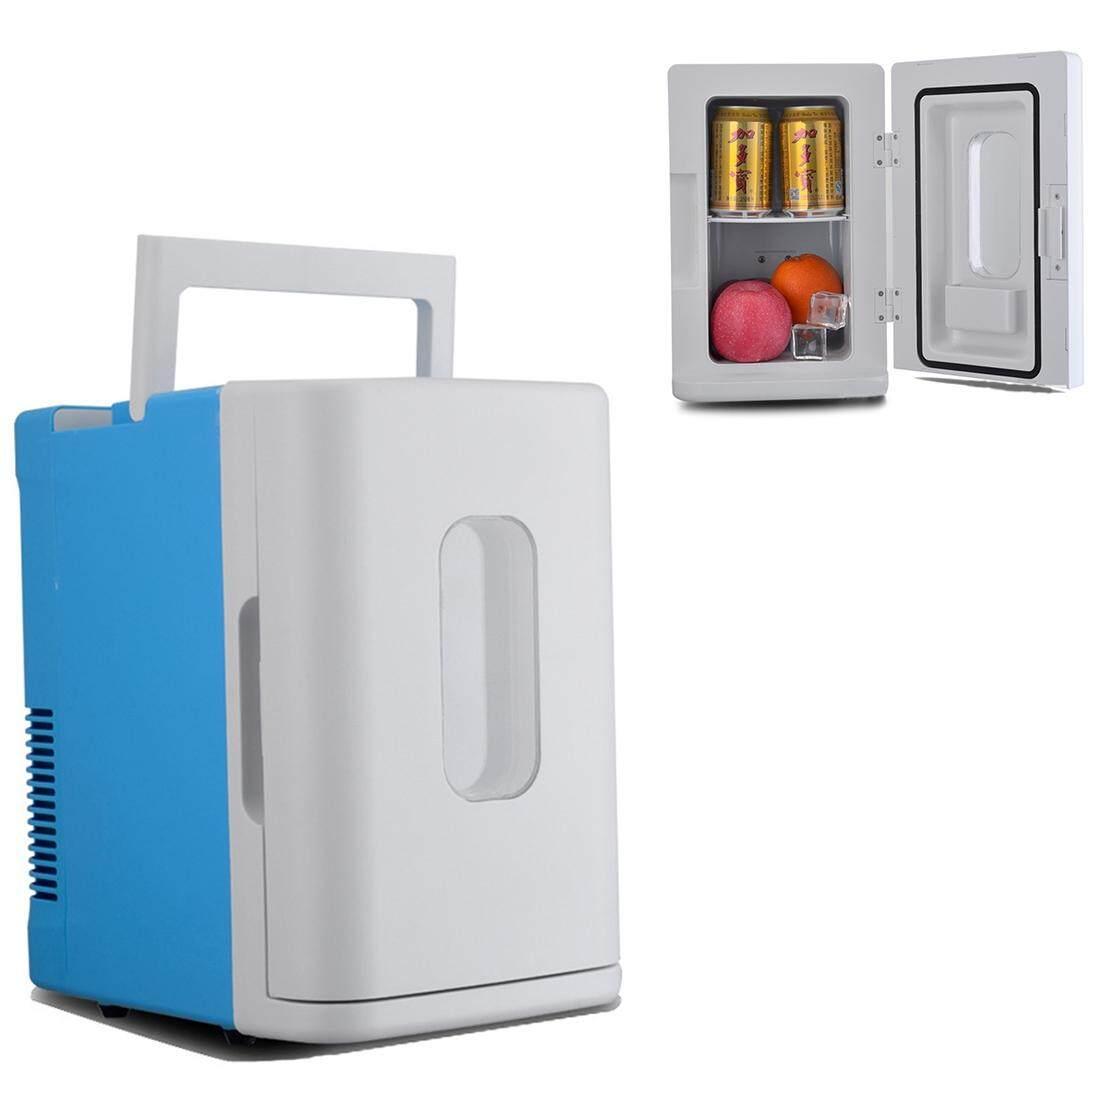 Vehicle Otomatis 68 W Maksimum Portabel Mini Cooler dan Lebih Hangat 10L Kulkas untuk Mobil dan Rumah, Tegangan: DC 12 V/AC 220 V (Biru + Putih)-Internasional